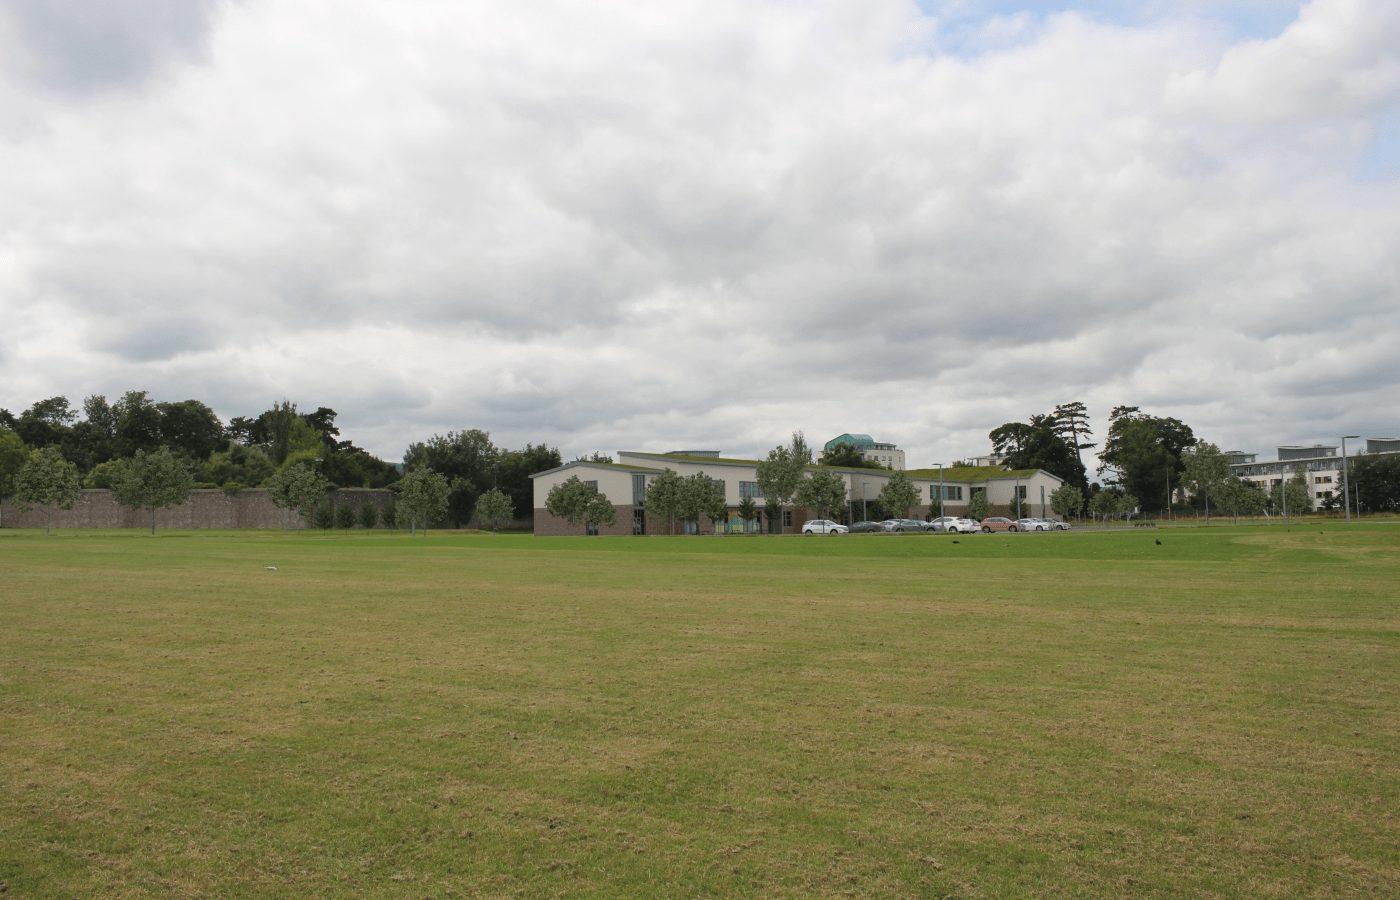 St. Tiernan's School, After 3, Resized